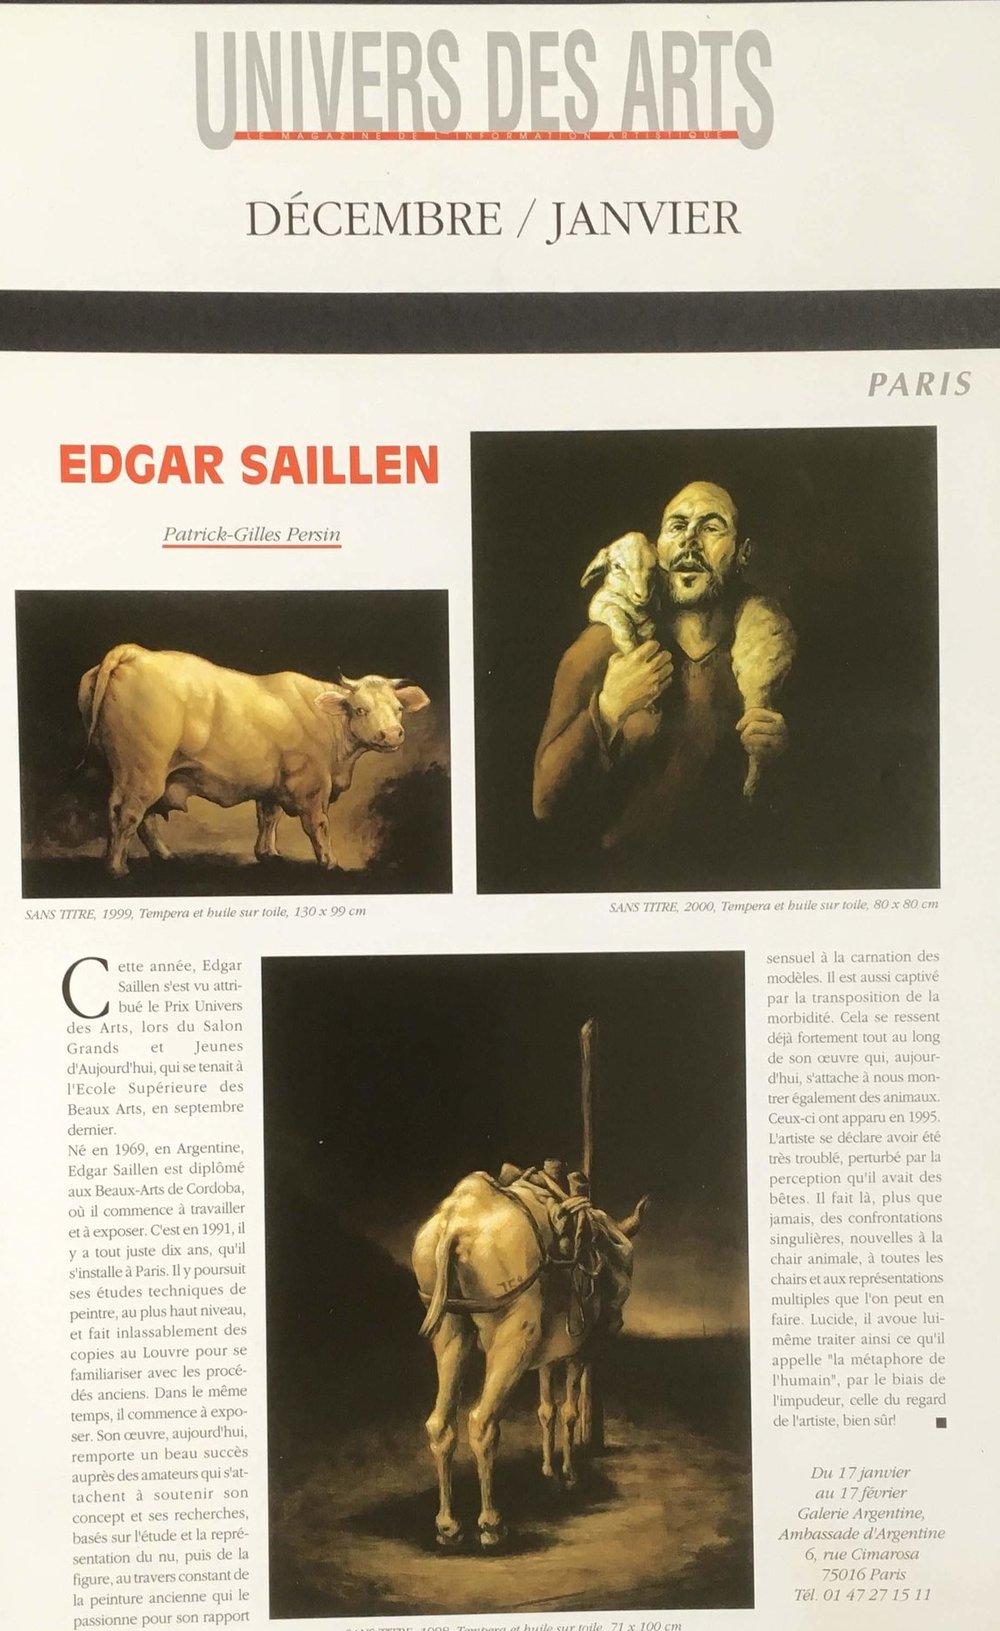 UNIVERS DES ARTS 2002